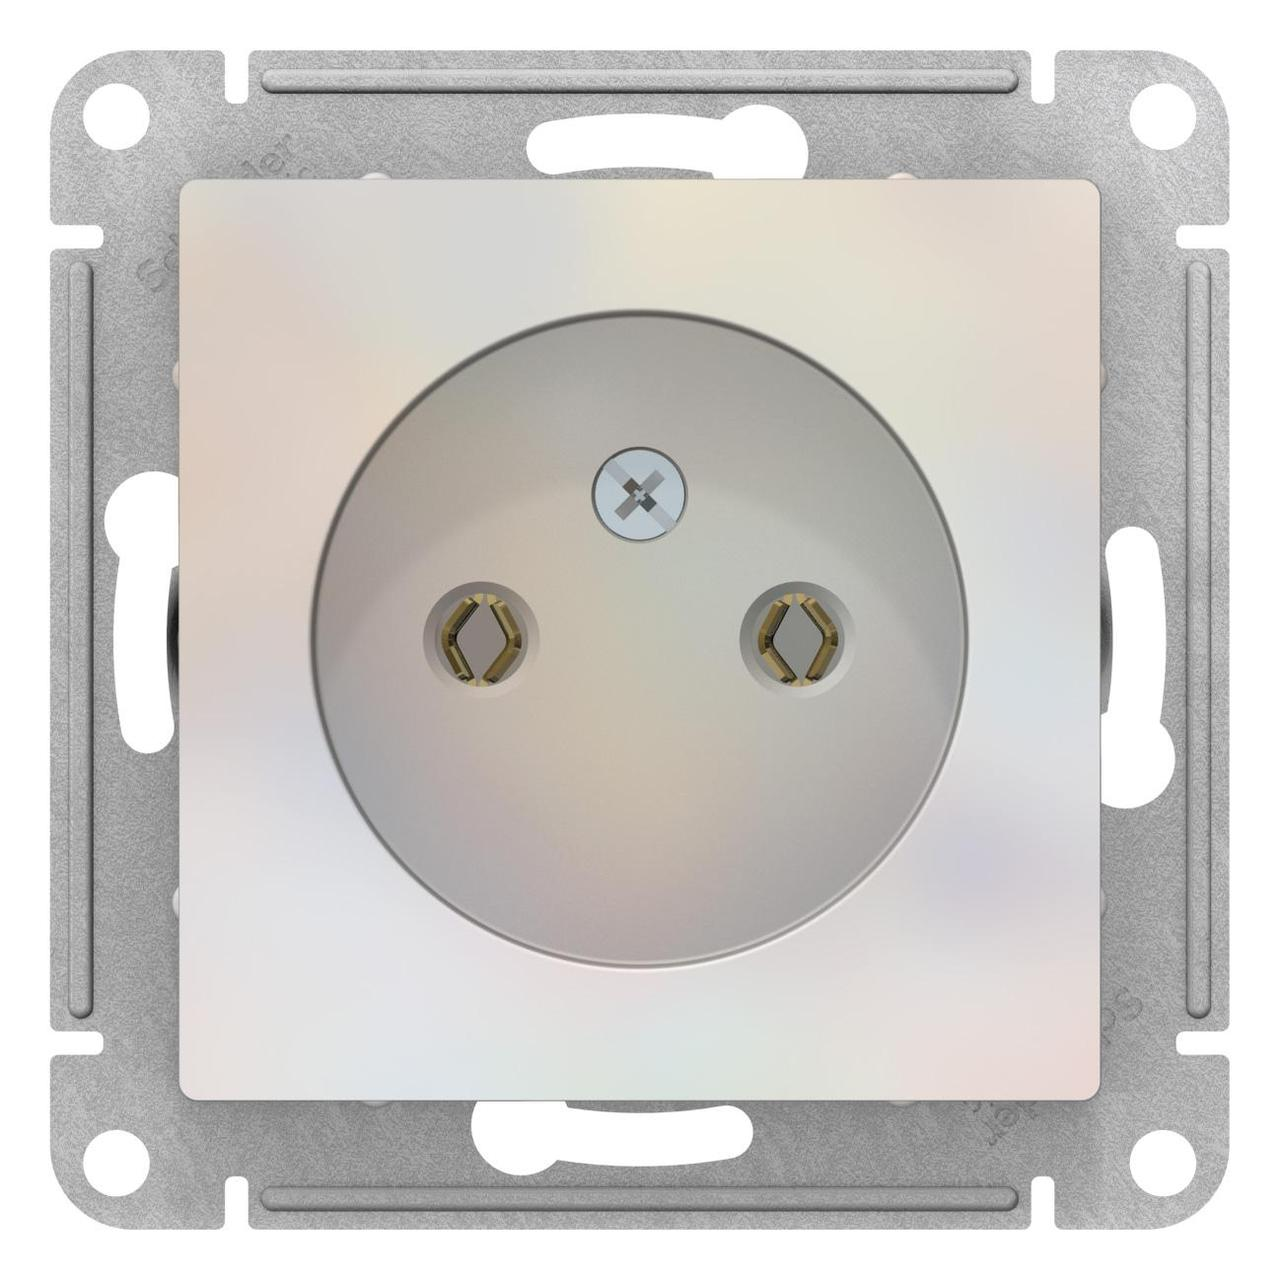 Розетка 1-ая электрическая без заземления , Жемчуг, серия Atlas Design, Schneider Electric